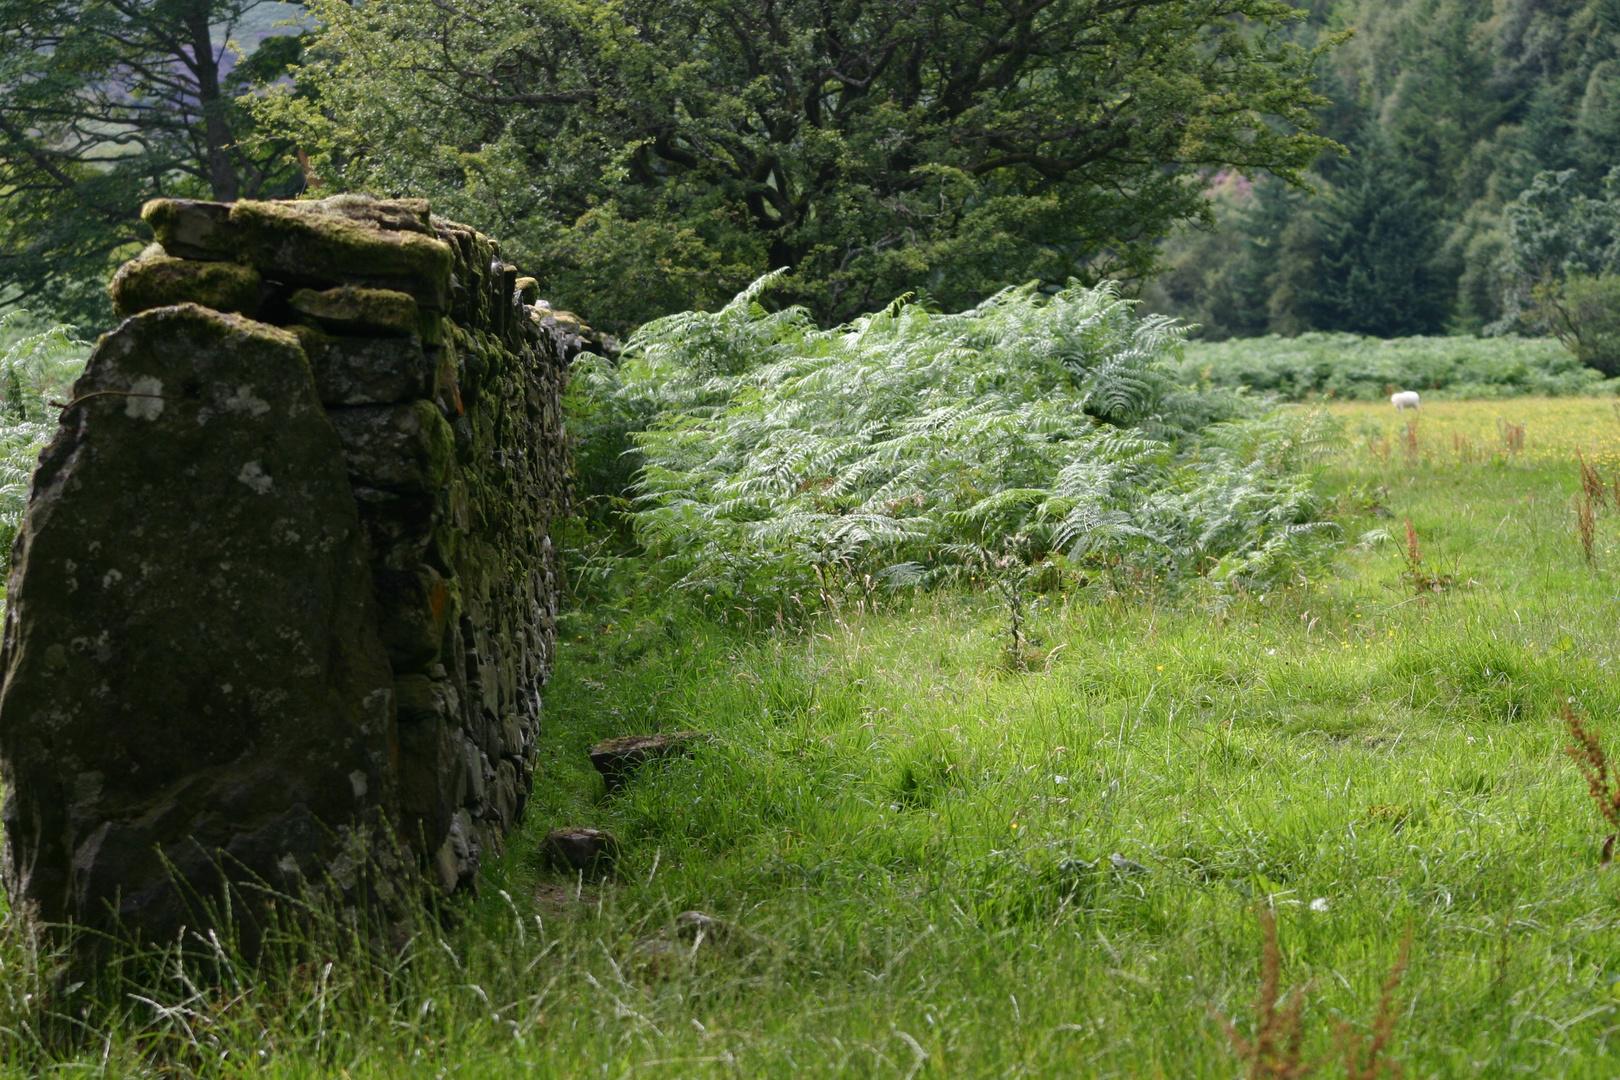 Near lake Vyrnwy/Wales